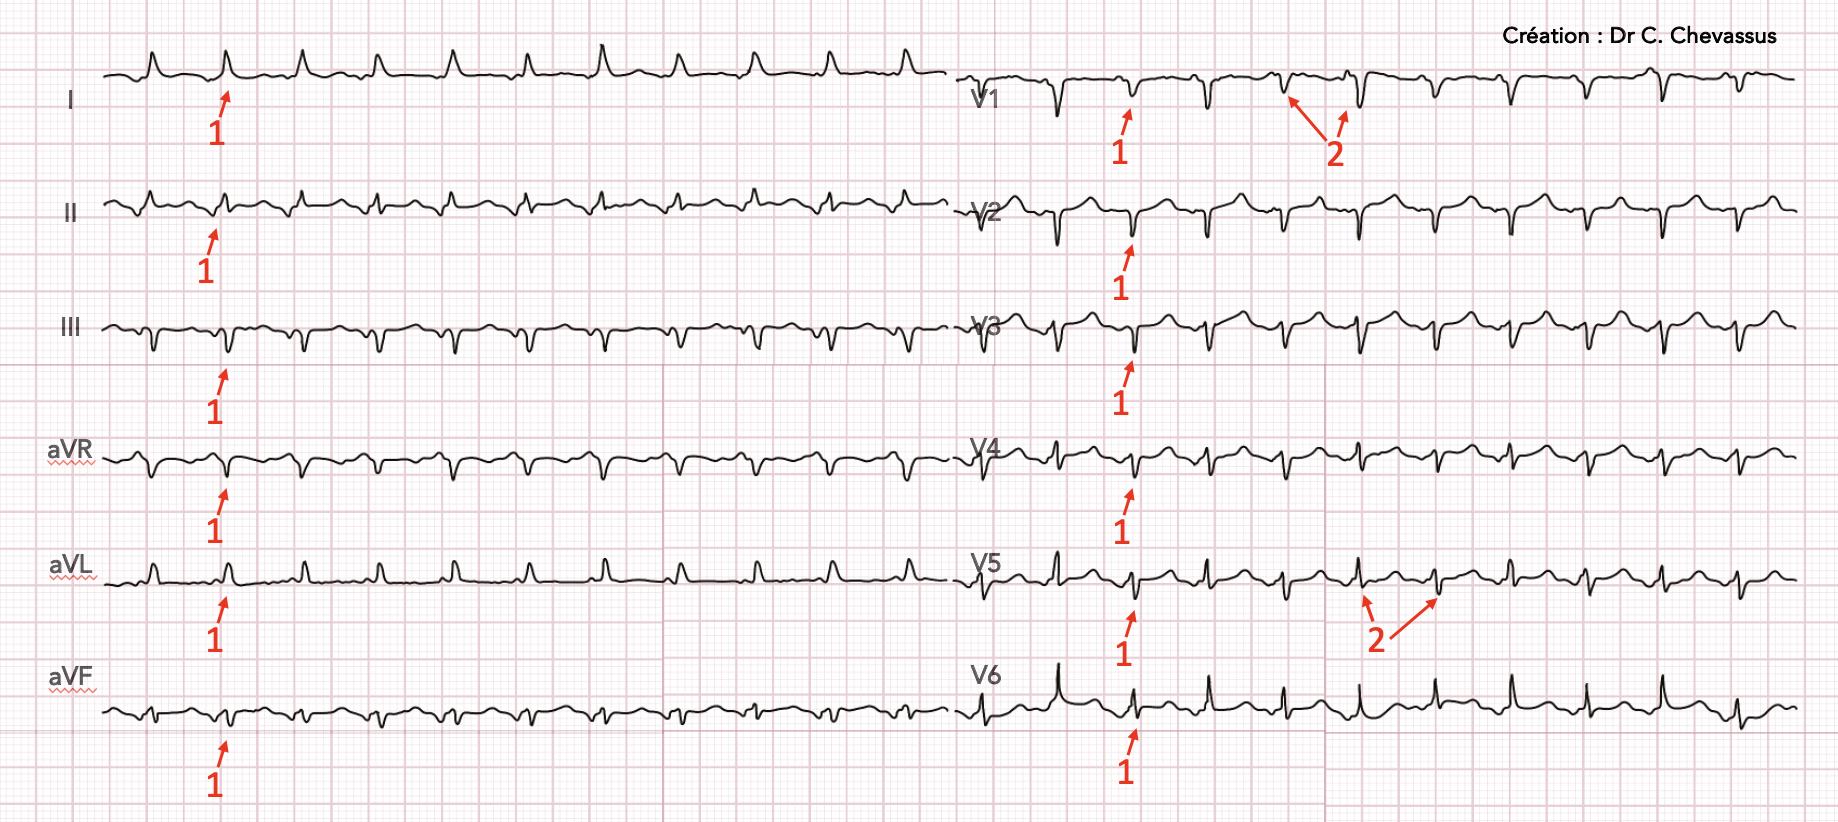 Tamponnade, tachycardie, 1 : microvoltage, 2 : alternance électrique